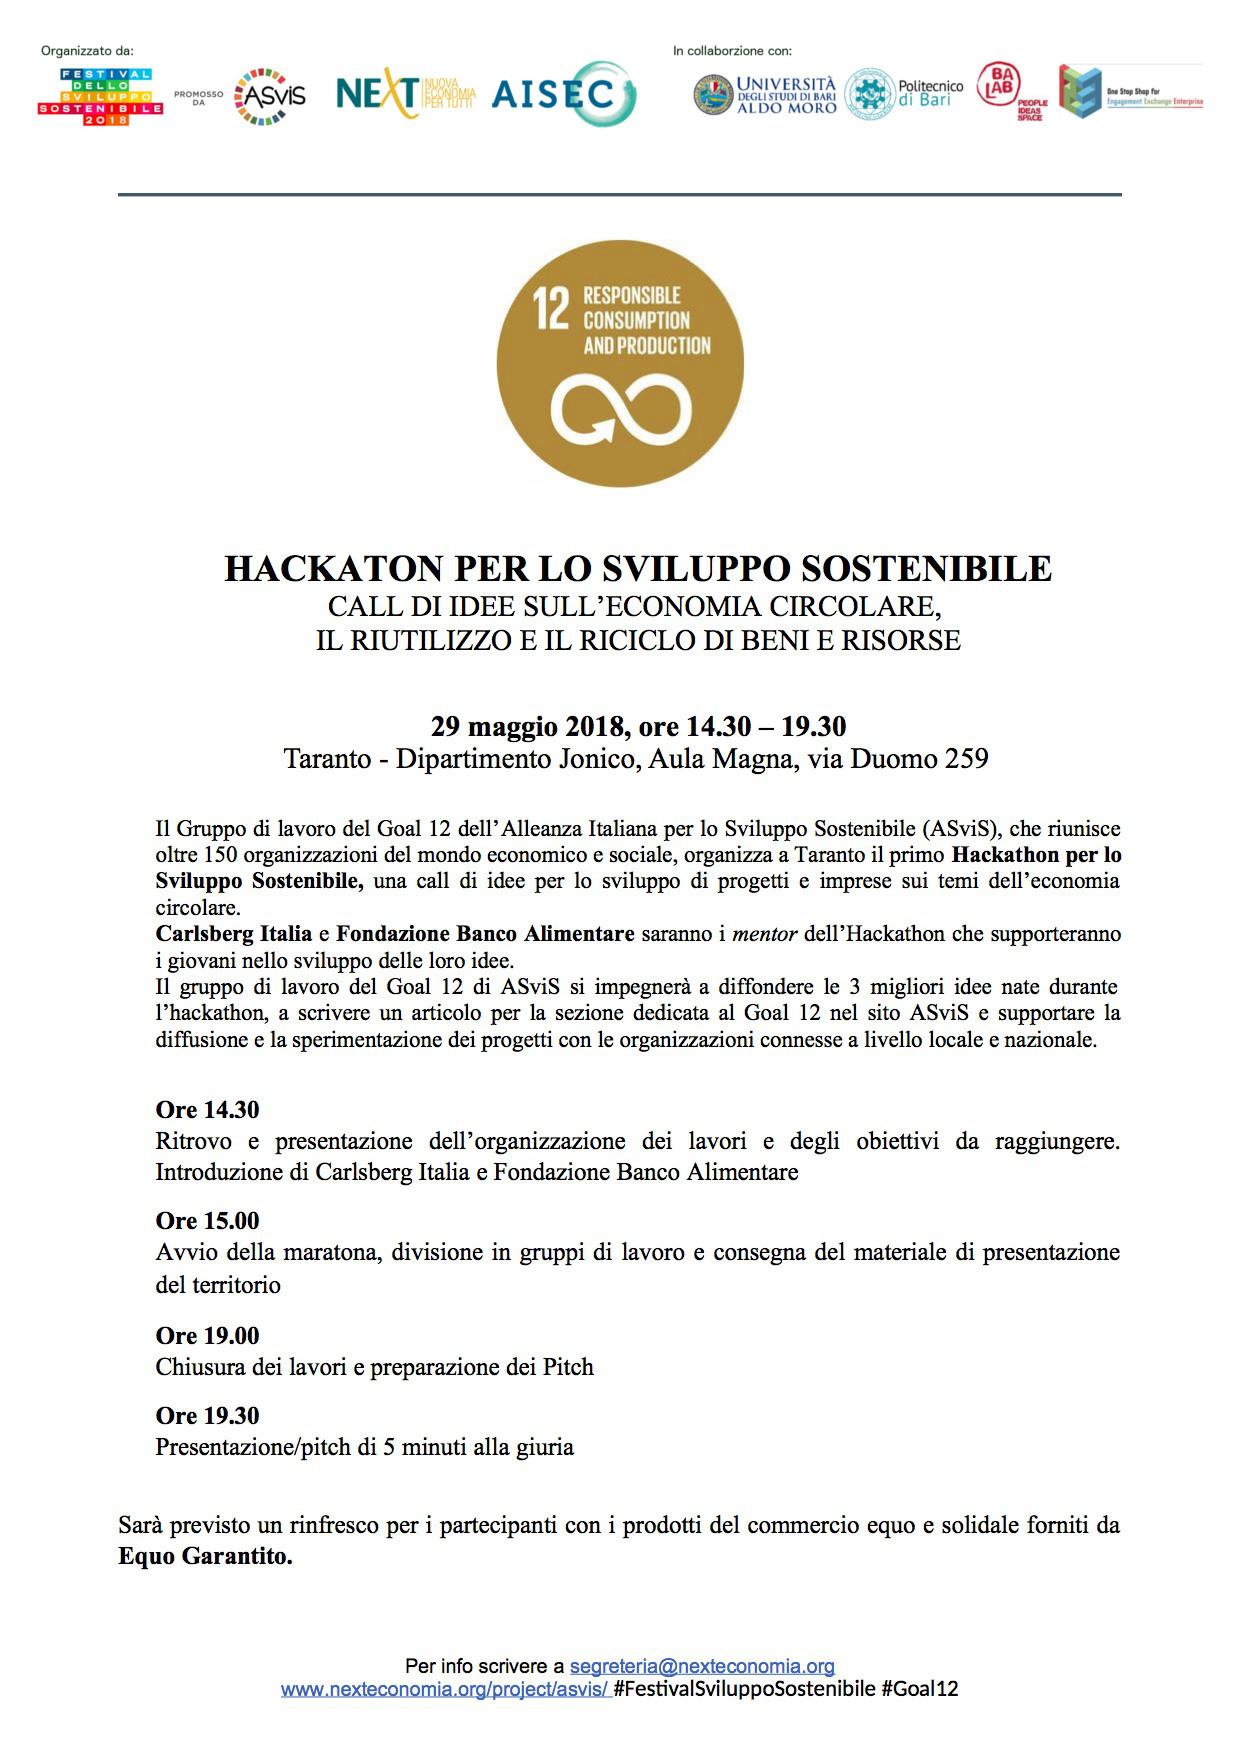 Festival Sviluppo Sostenibile Goal 12 - hackathon 29 maggio Taranto